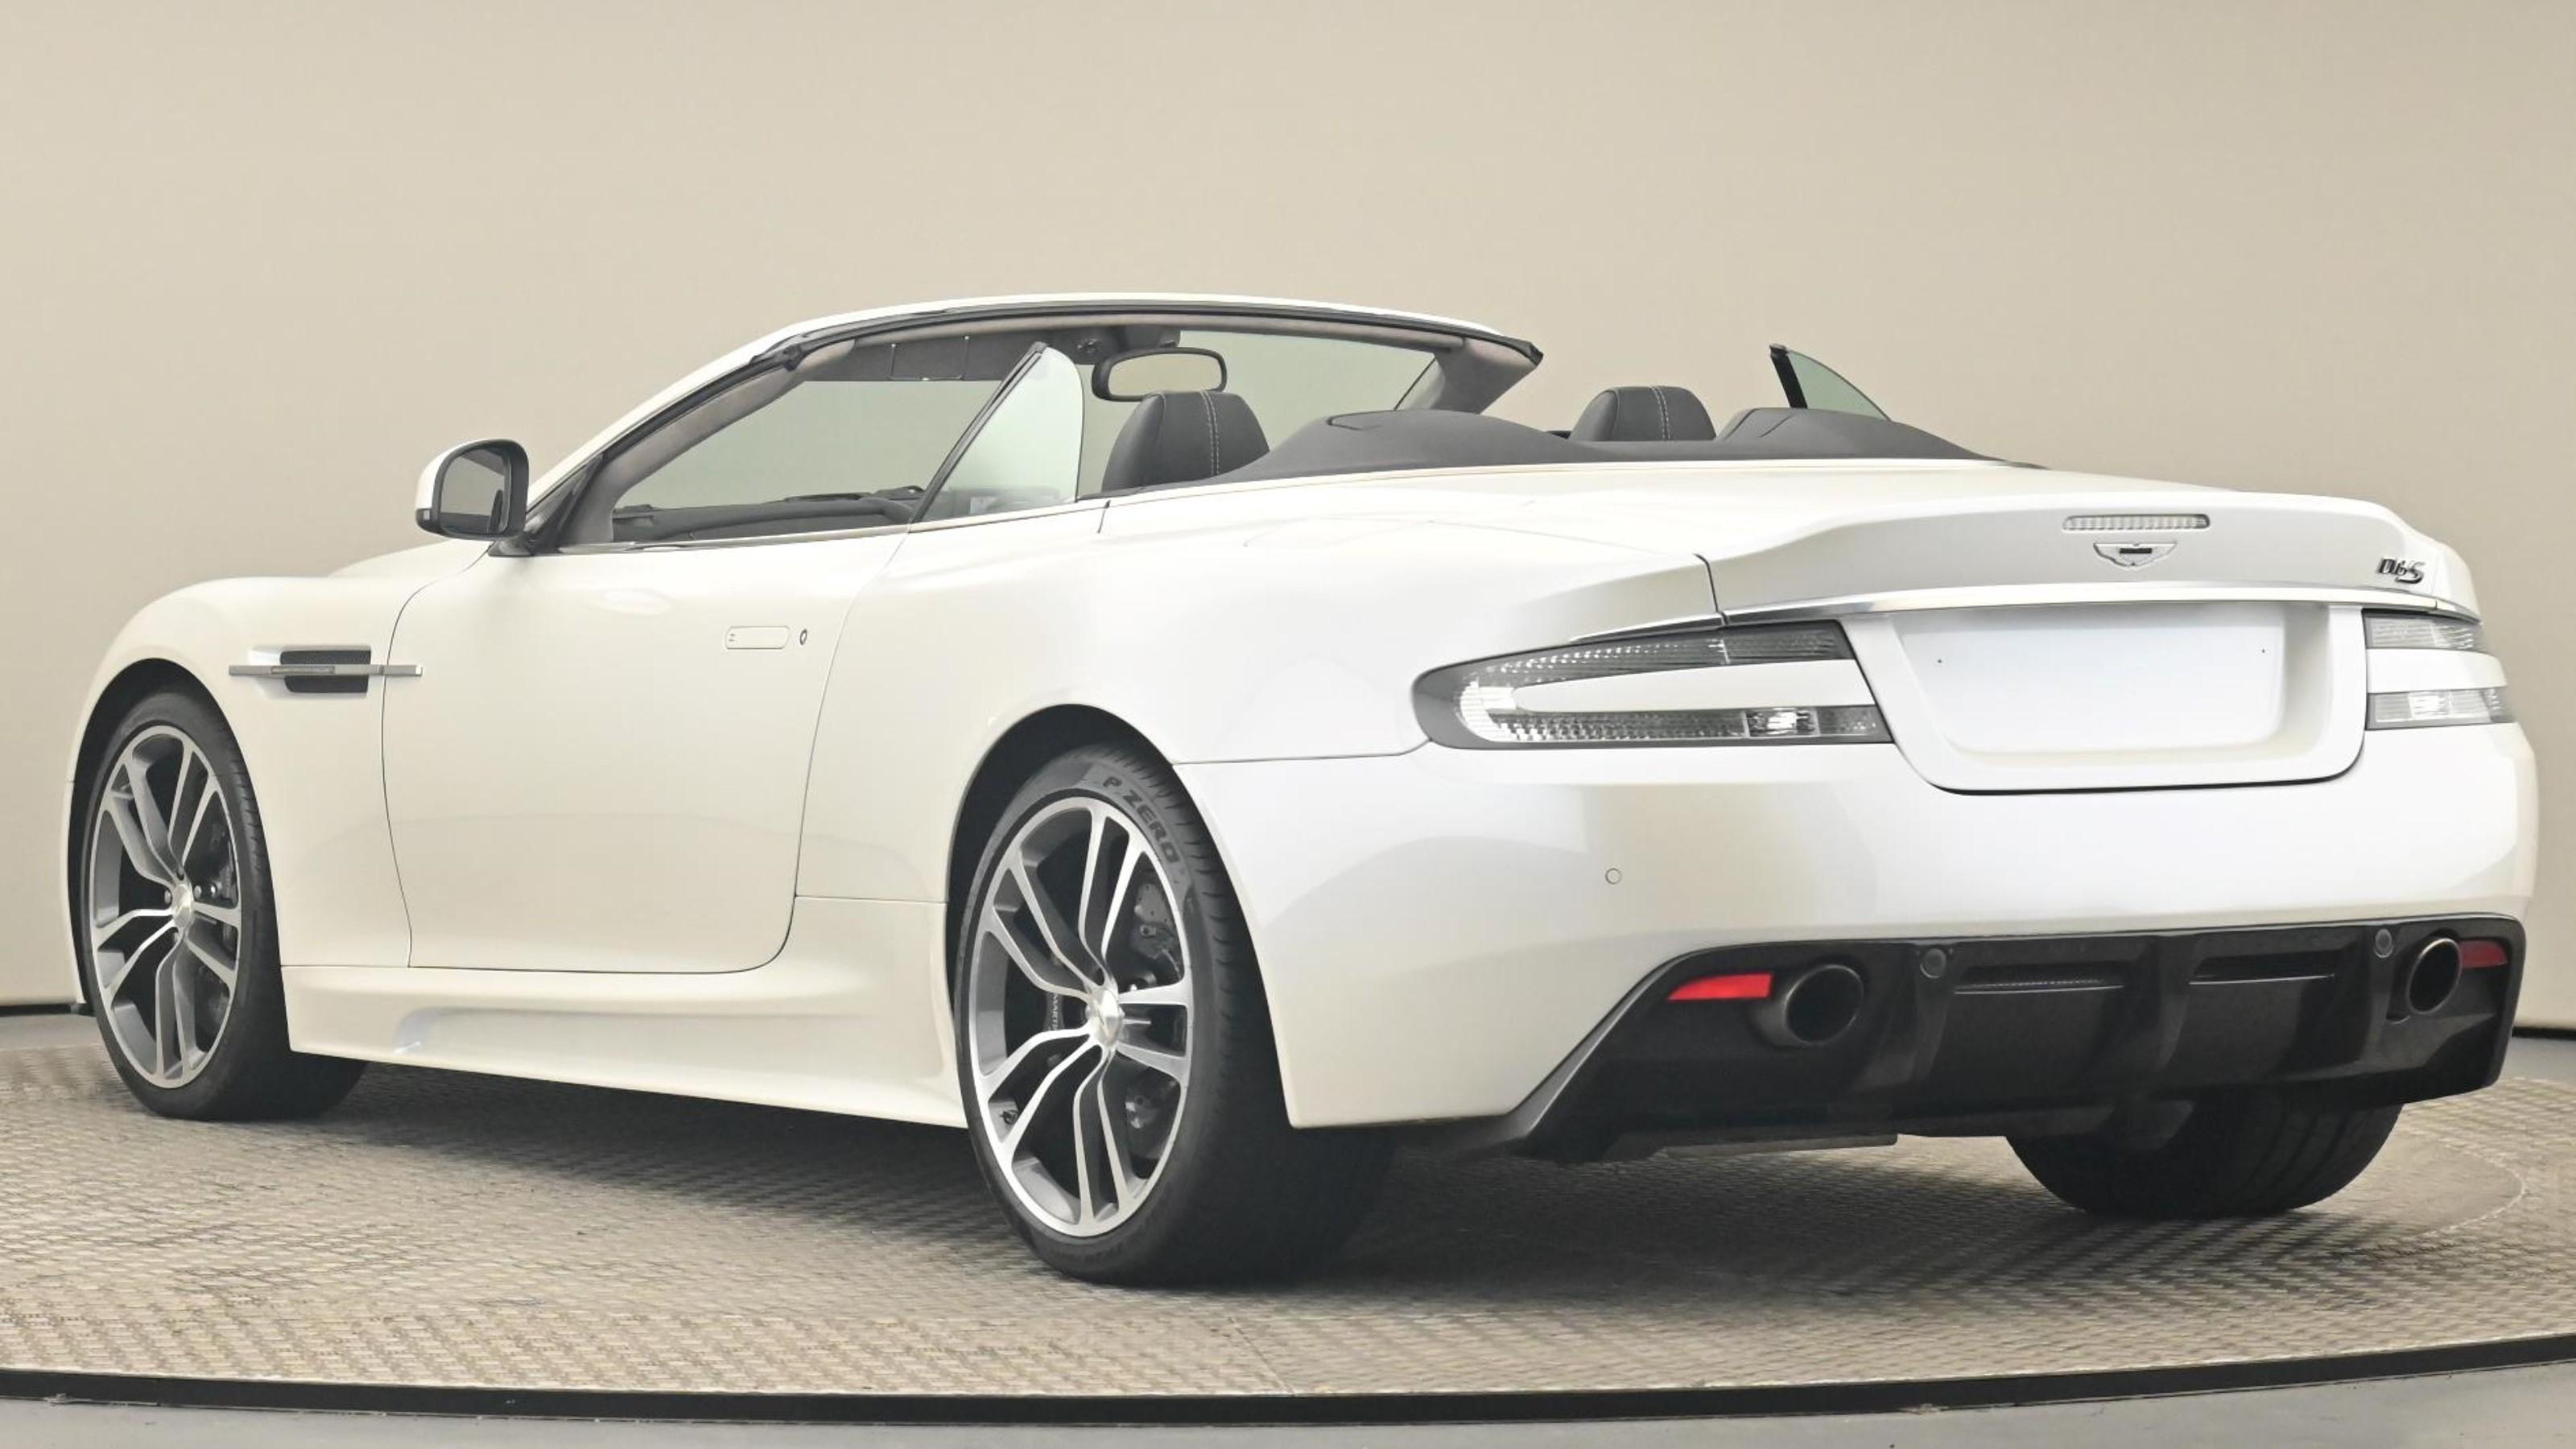 Used 2011 Aston Martin DBS V12 2dr Volante Touchtronic Auto White at Saxton4x4